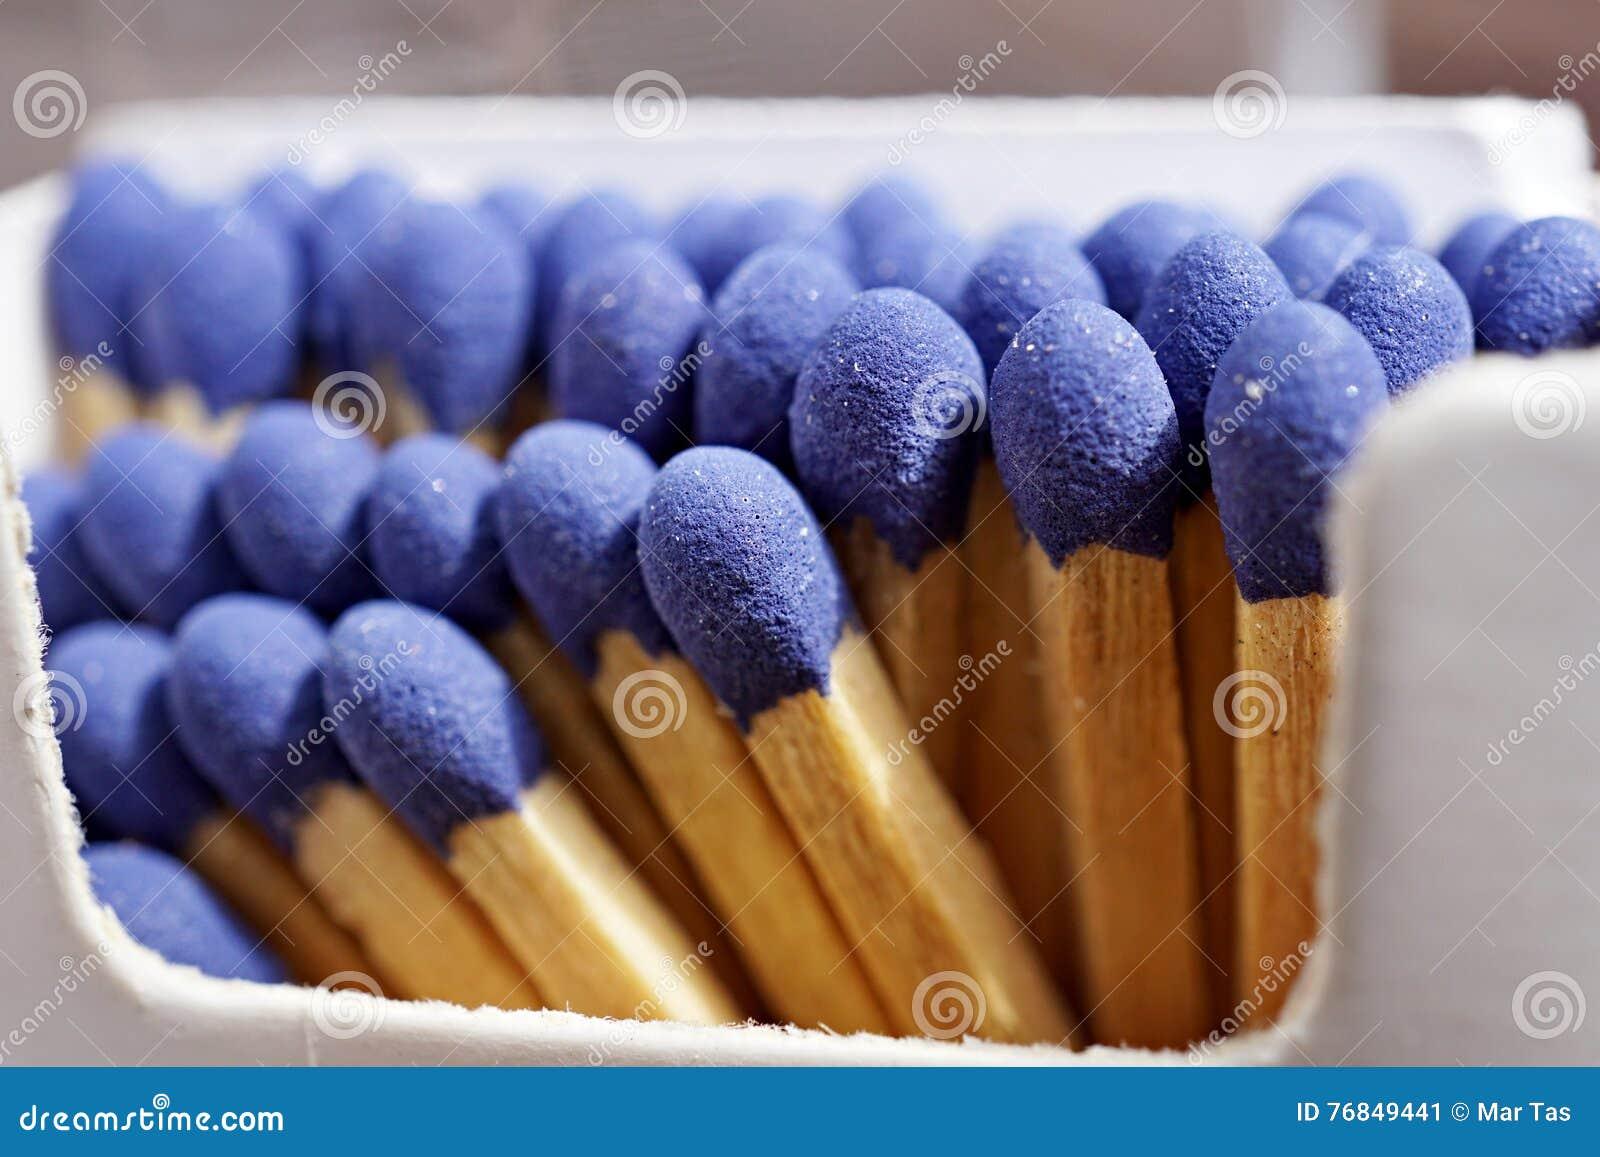 Detalle macro de los palillos del partido de seguridad con las cabezas azules en la caja del partido y el x28 de papel; matchbox&